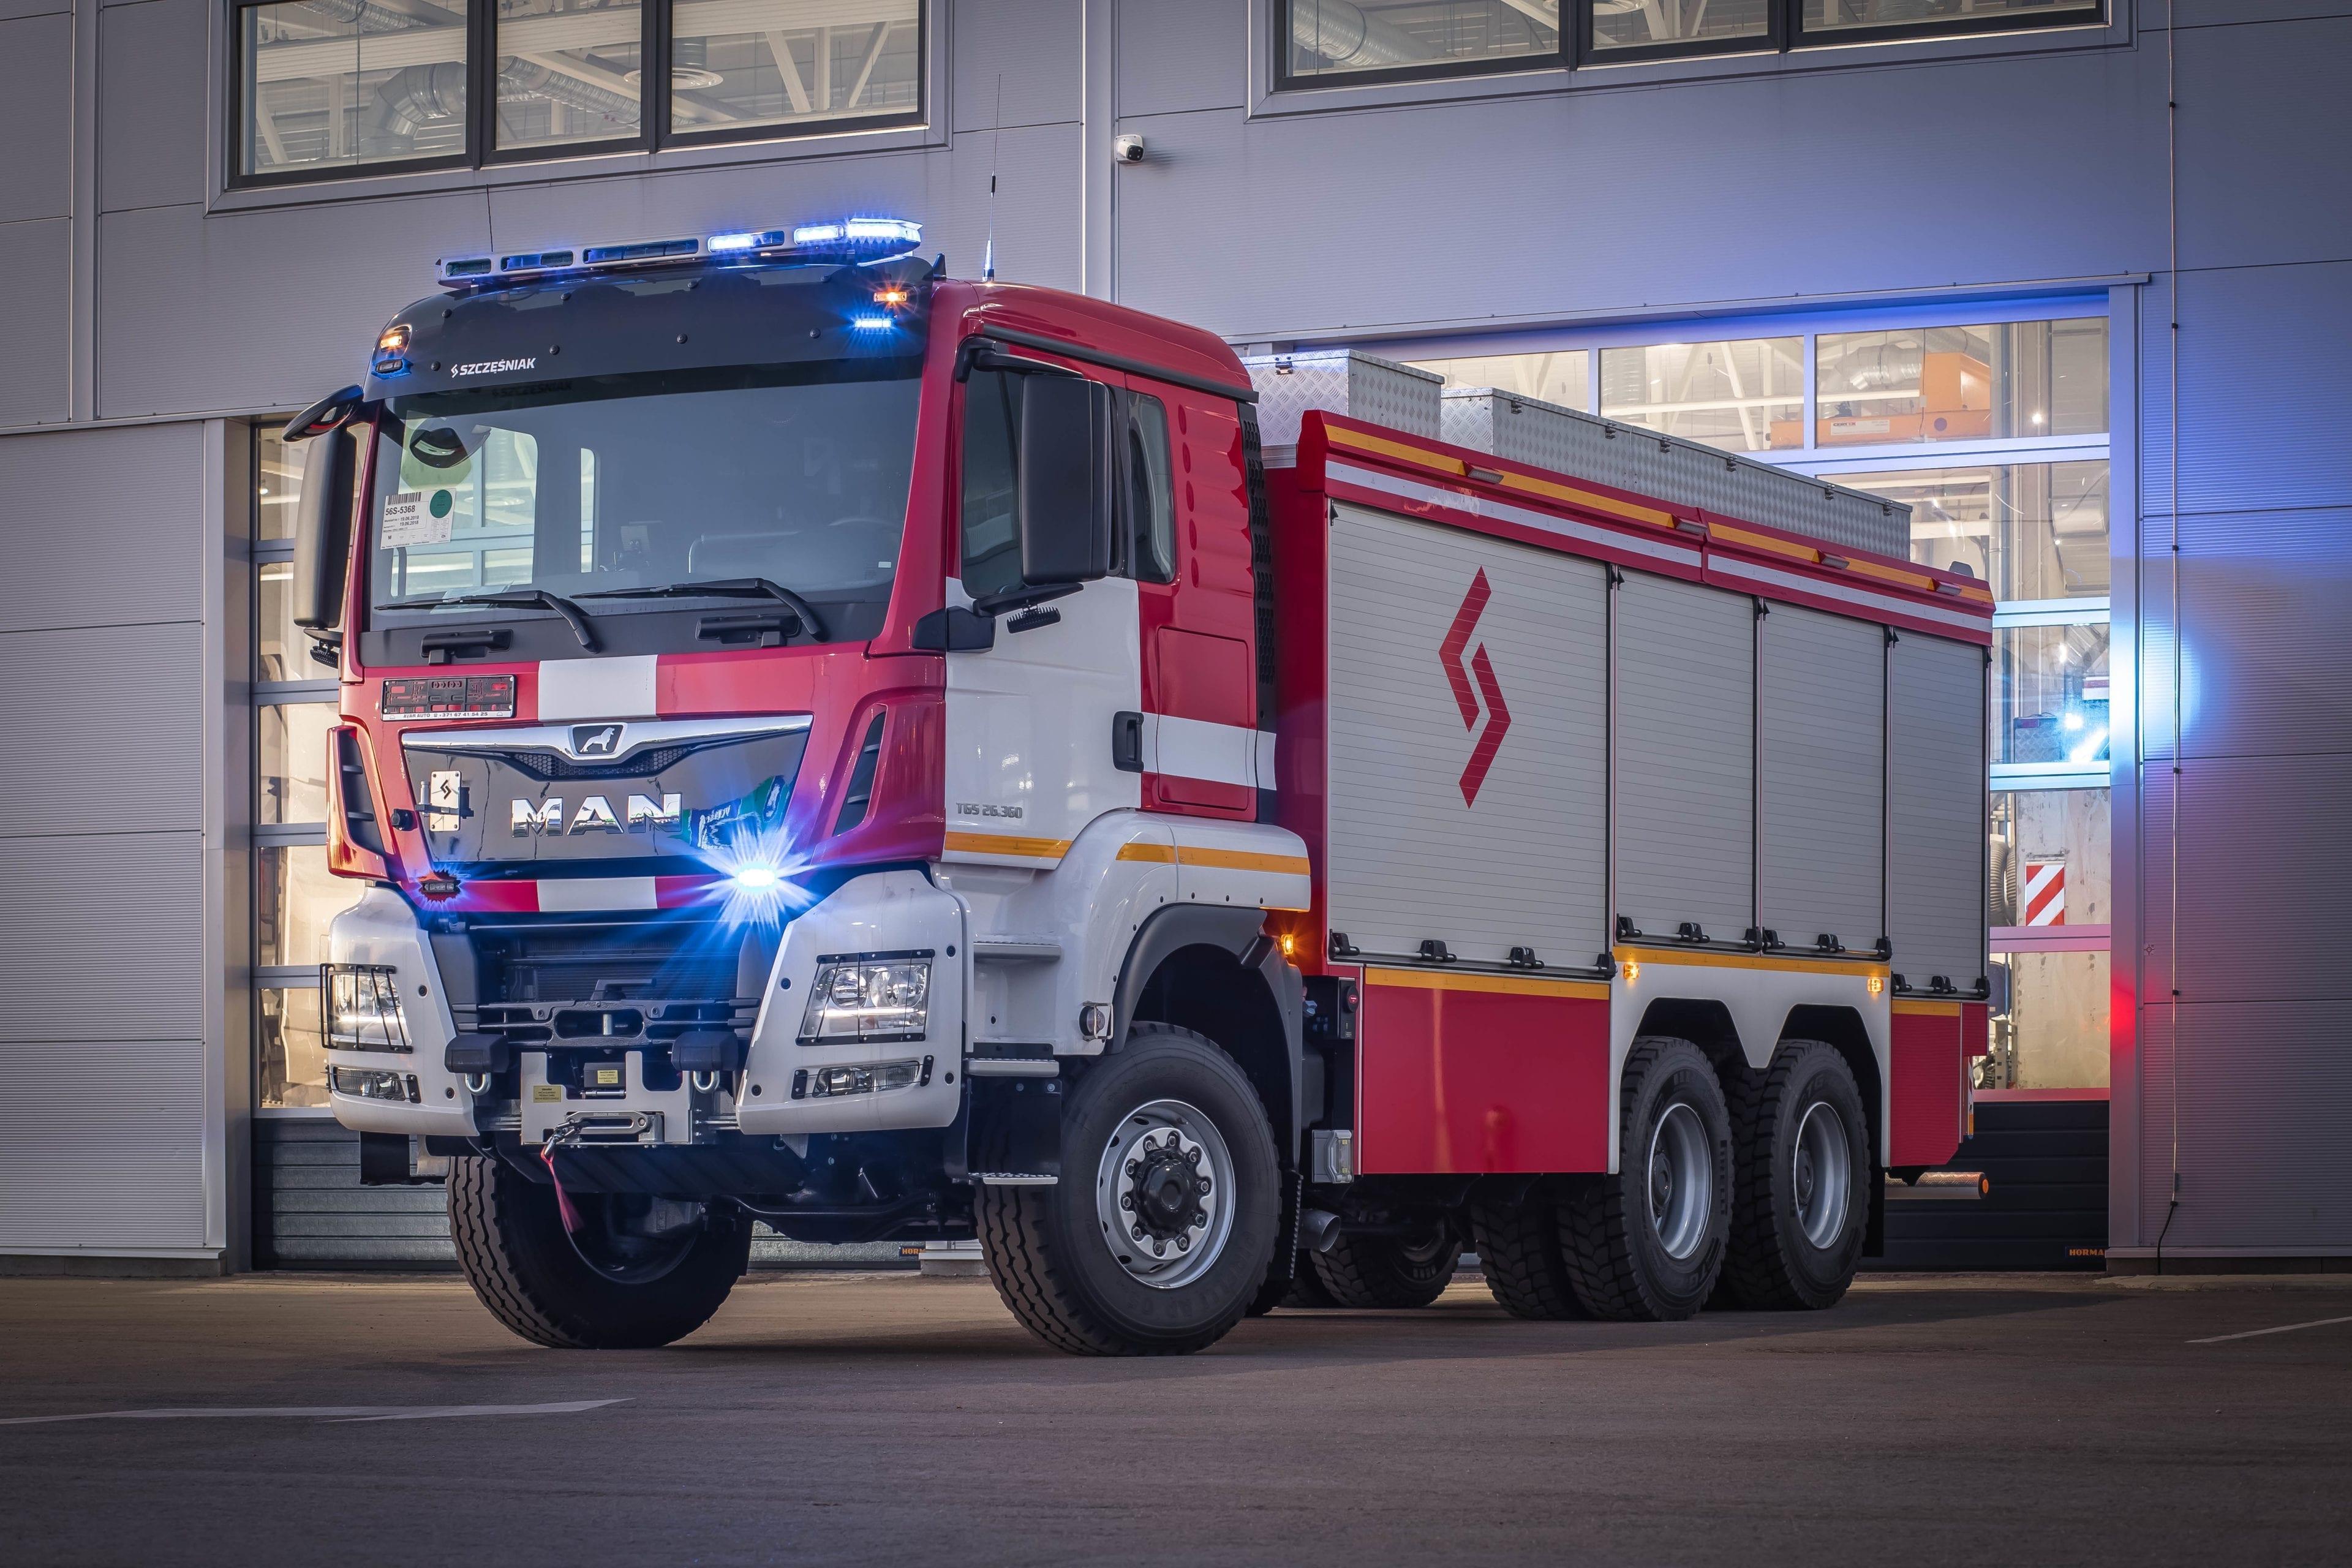 ВУГД получил 12 новых пожарных машин MAN TGS